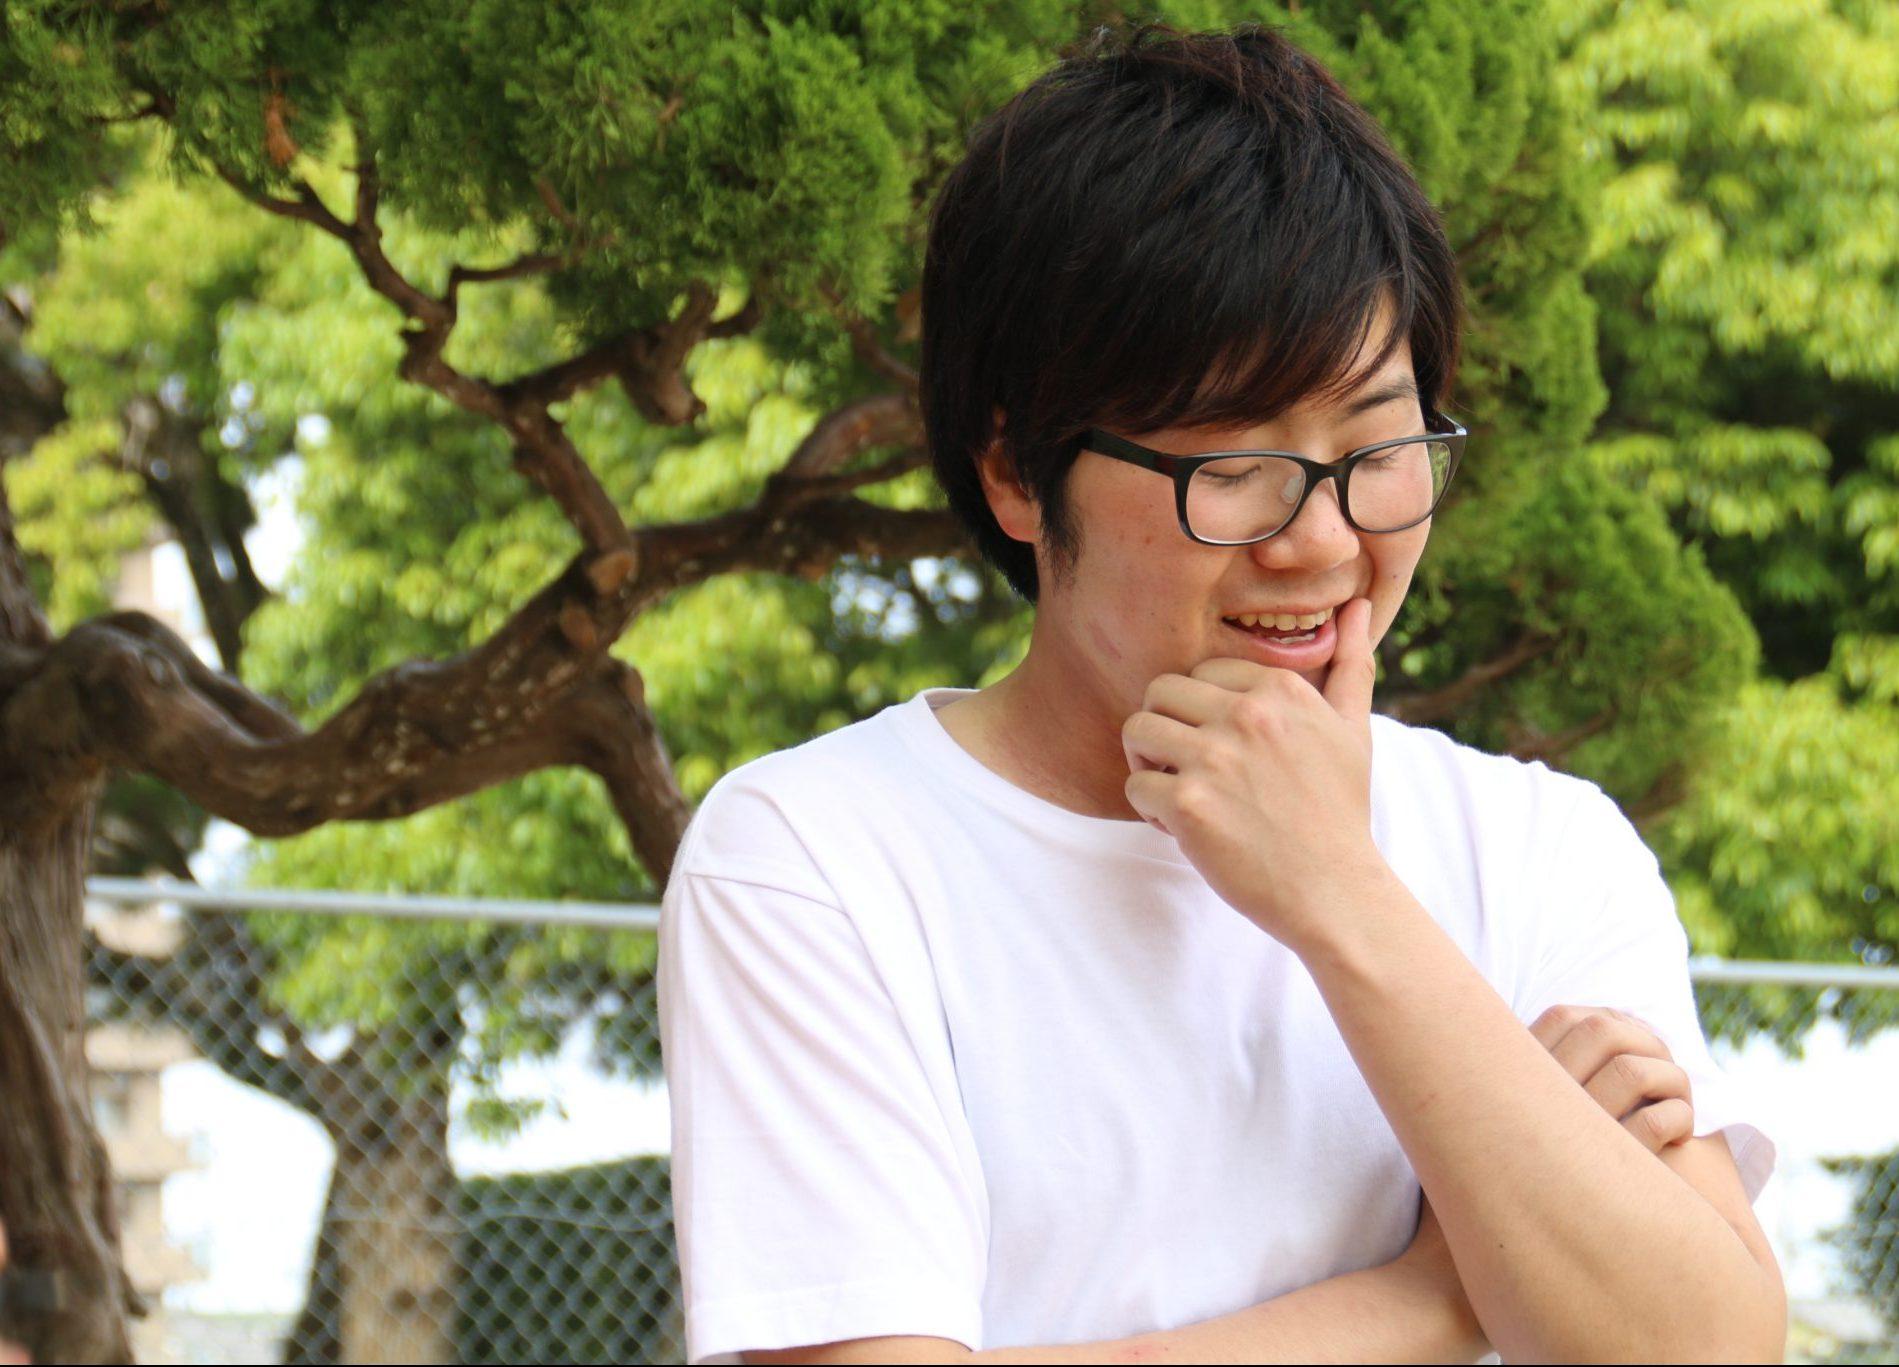 徳島住みます芸人インタビュー第二弾!ピン芸人・ええでないか西浦さんのお話をお聞きしてきました~!!